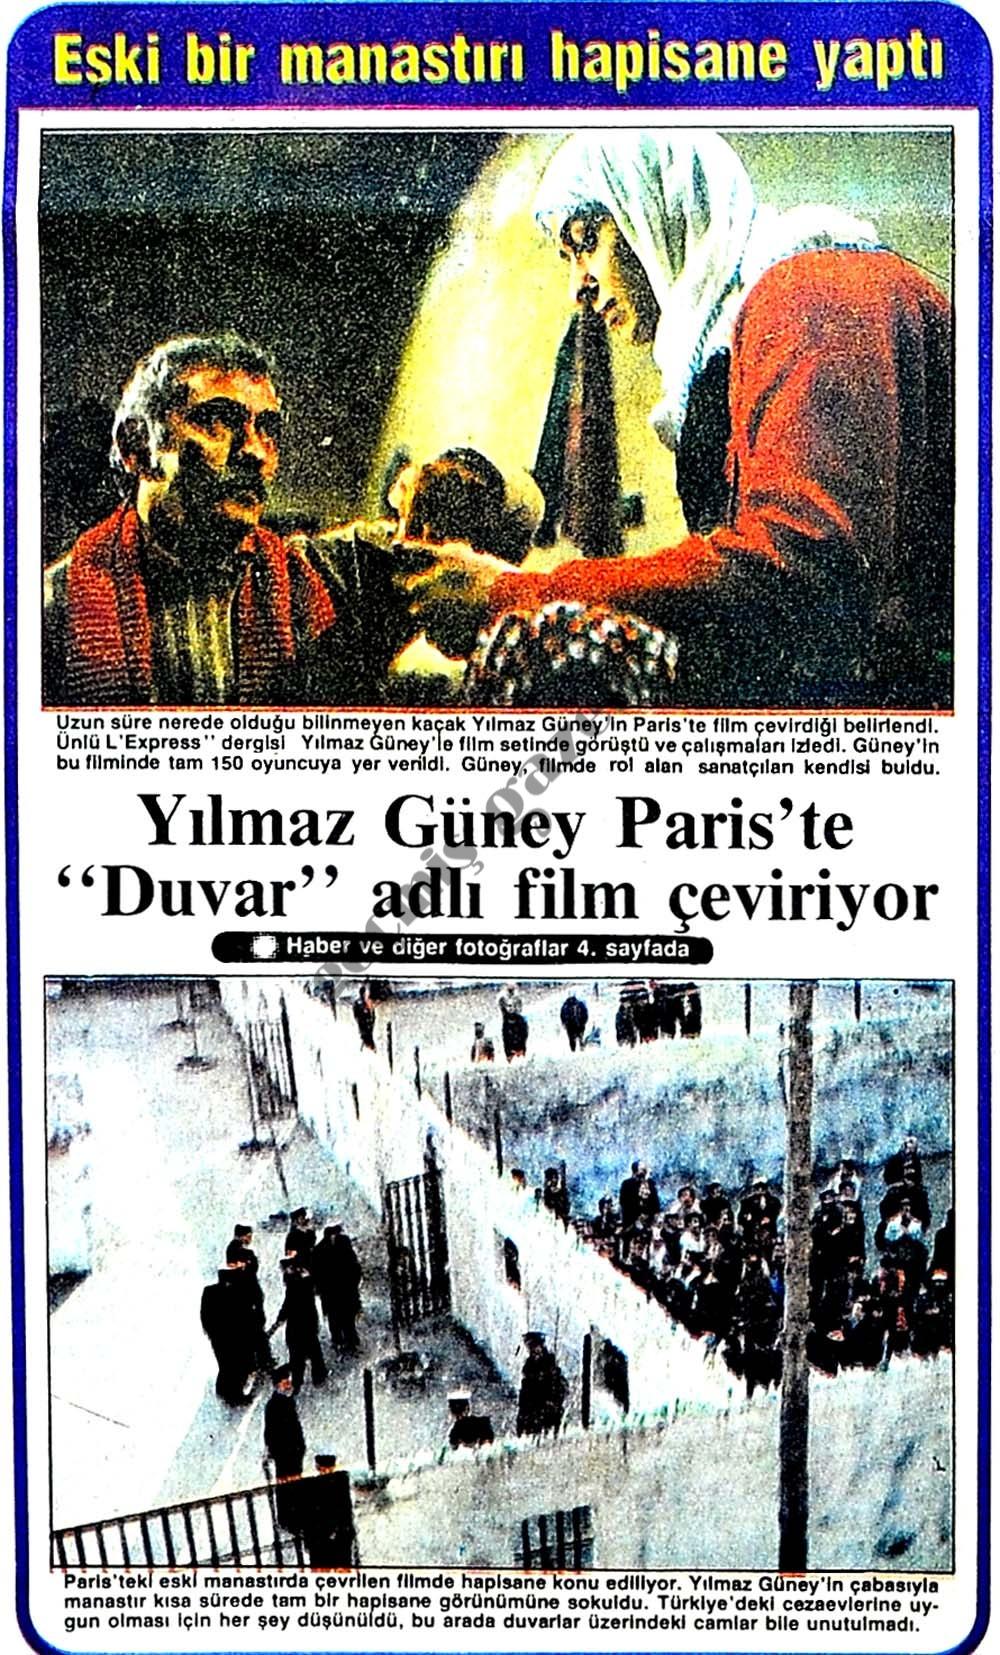 """Yılmaz Güney Paris'te """"Duvar"""" adlı film çeviriyor"""